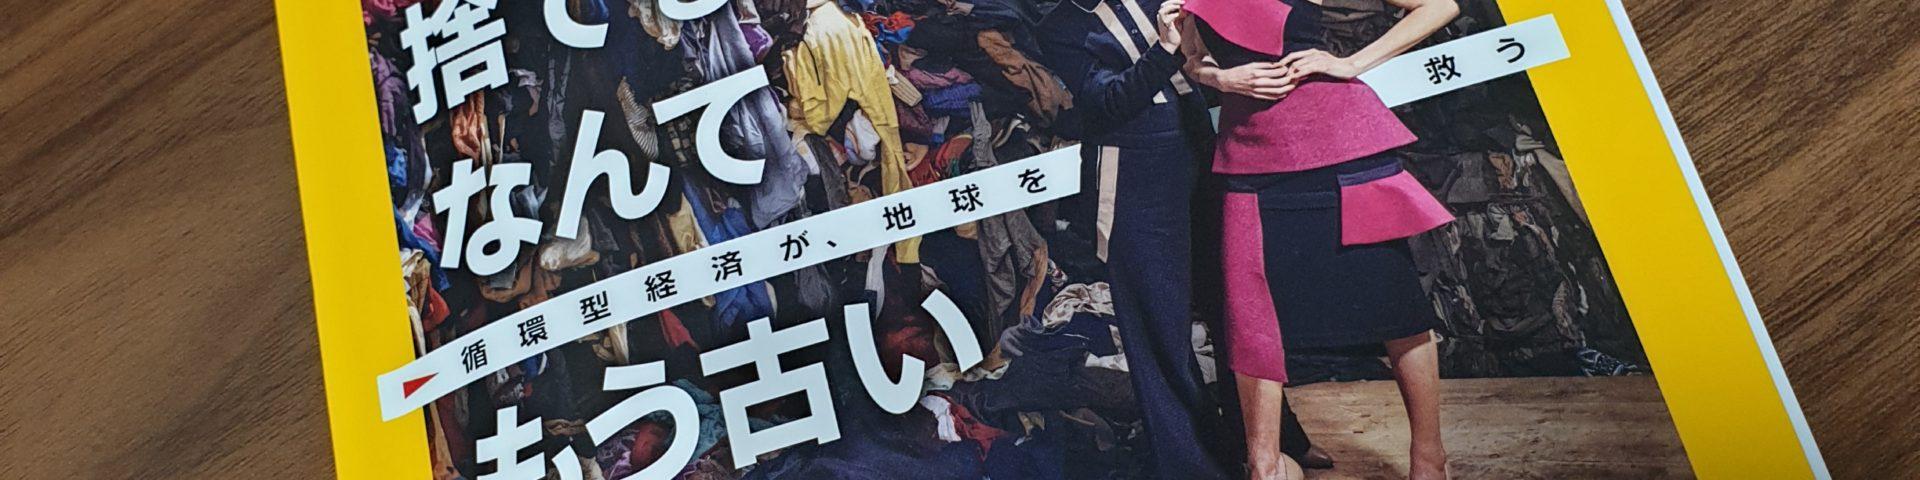 ナショナルジオグラフィック創刊300号記念ポッドキャスト